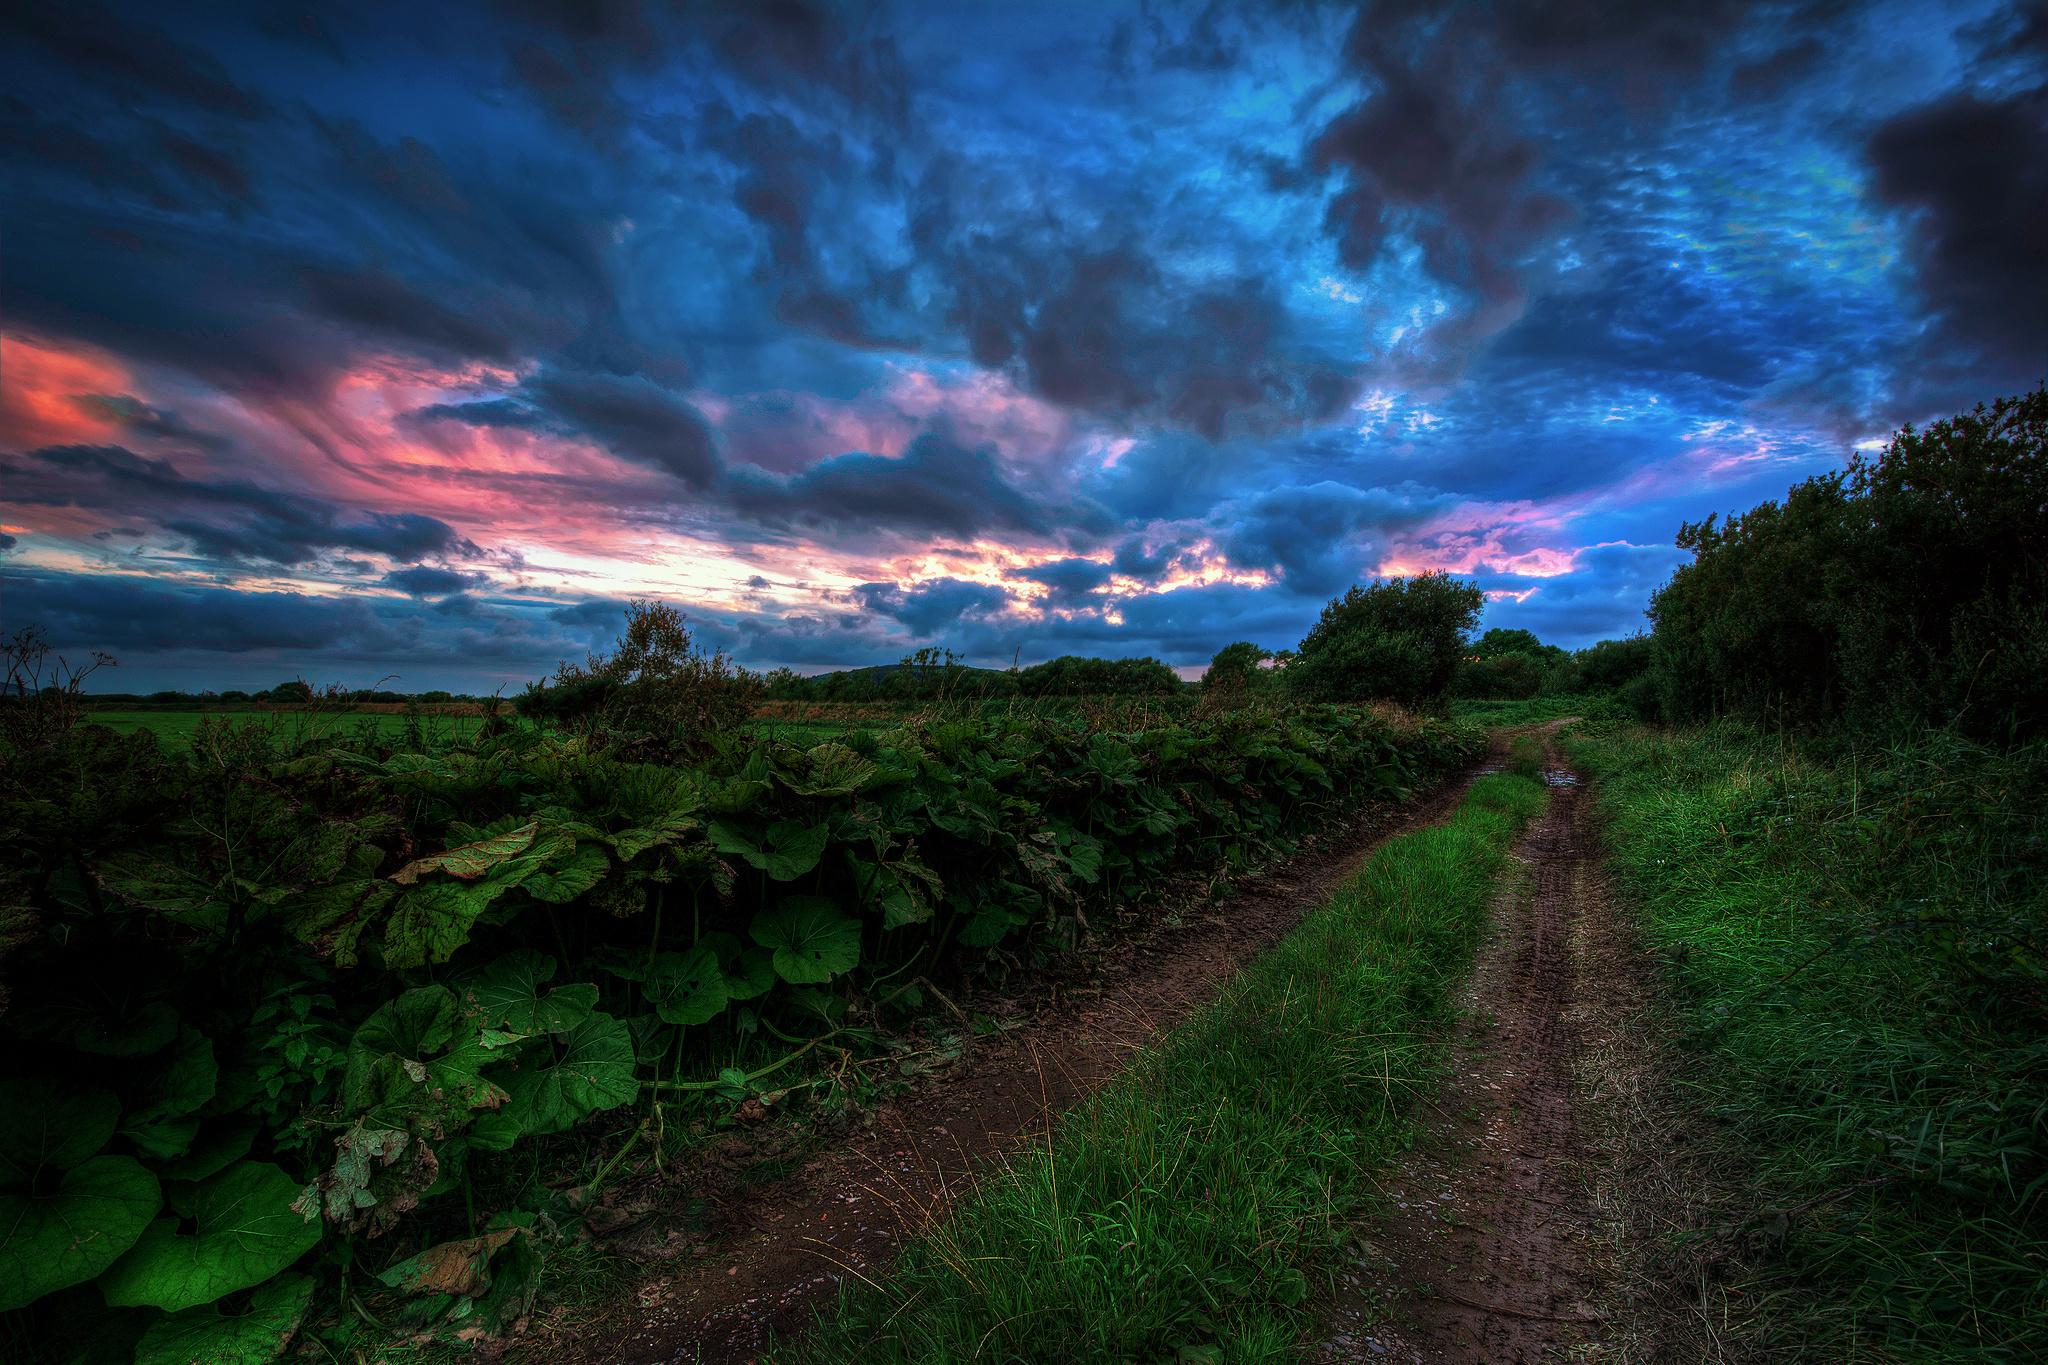 дорога, полевая, трава